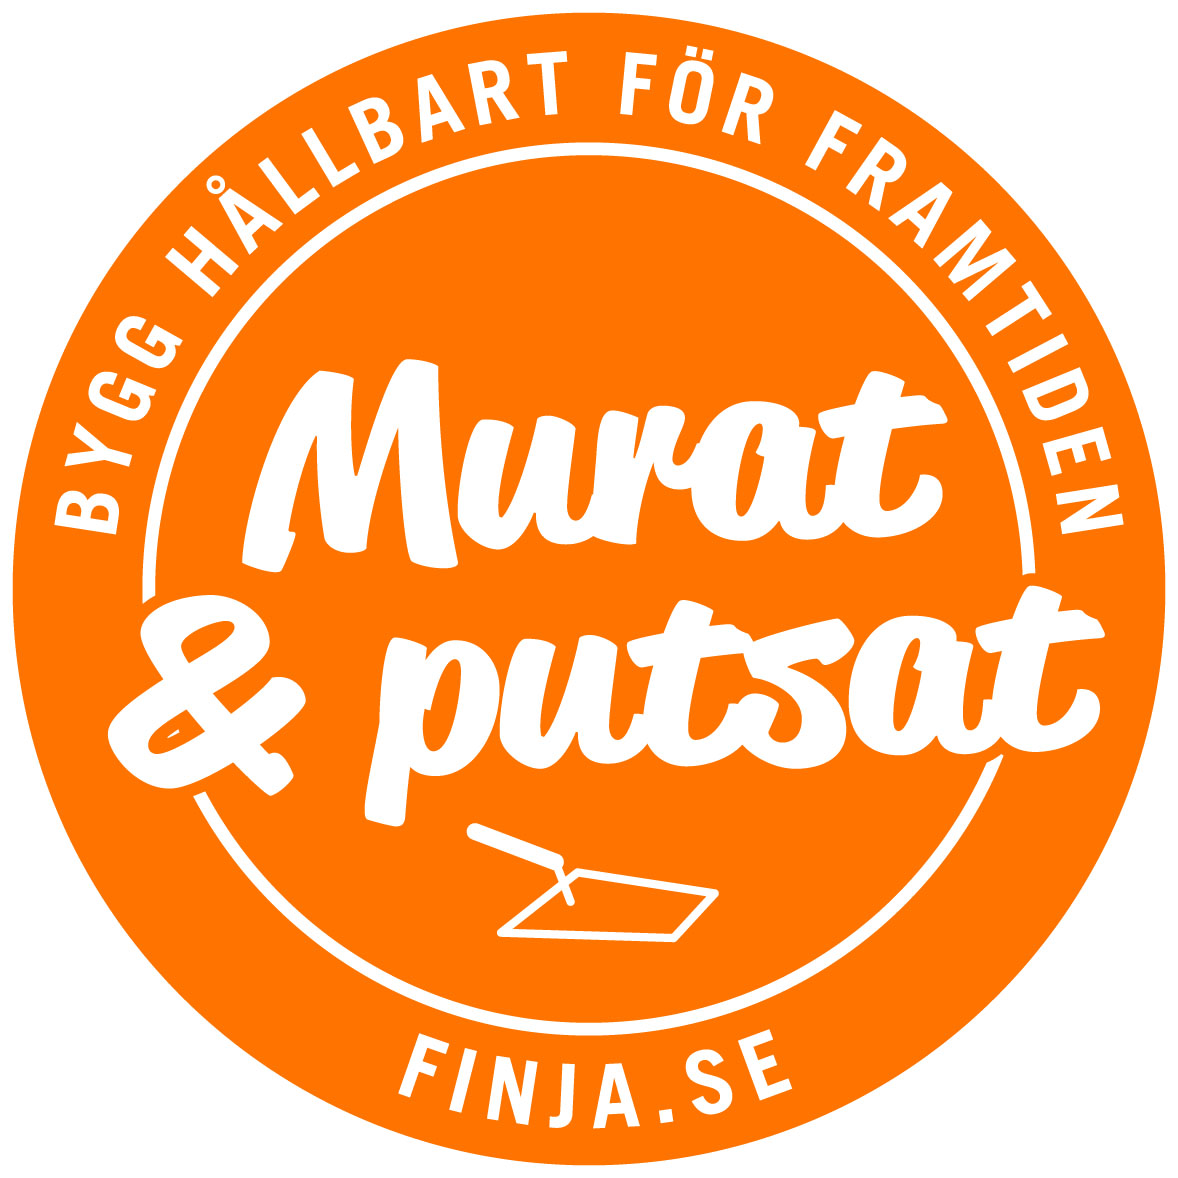 Murat och putsat - bygg hållbart för framtiden